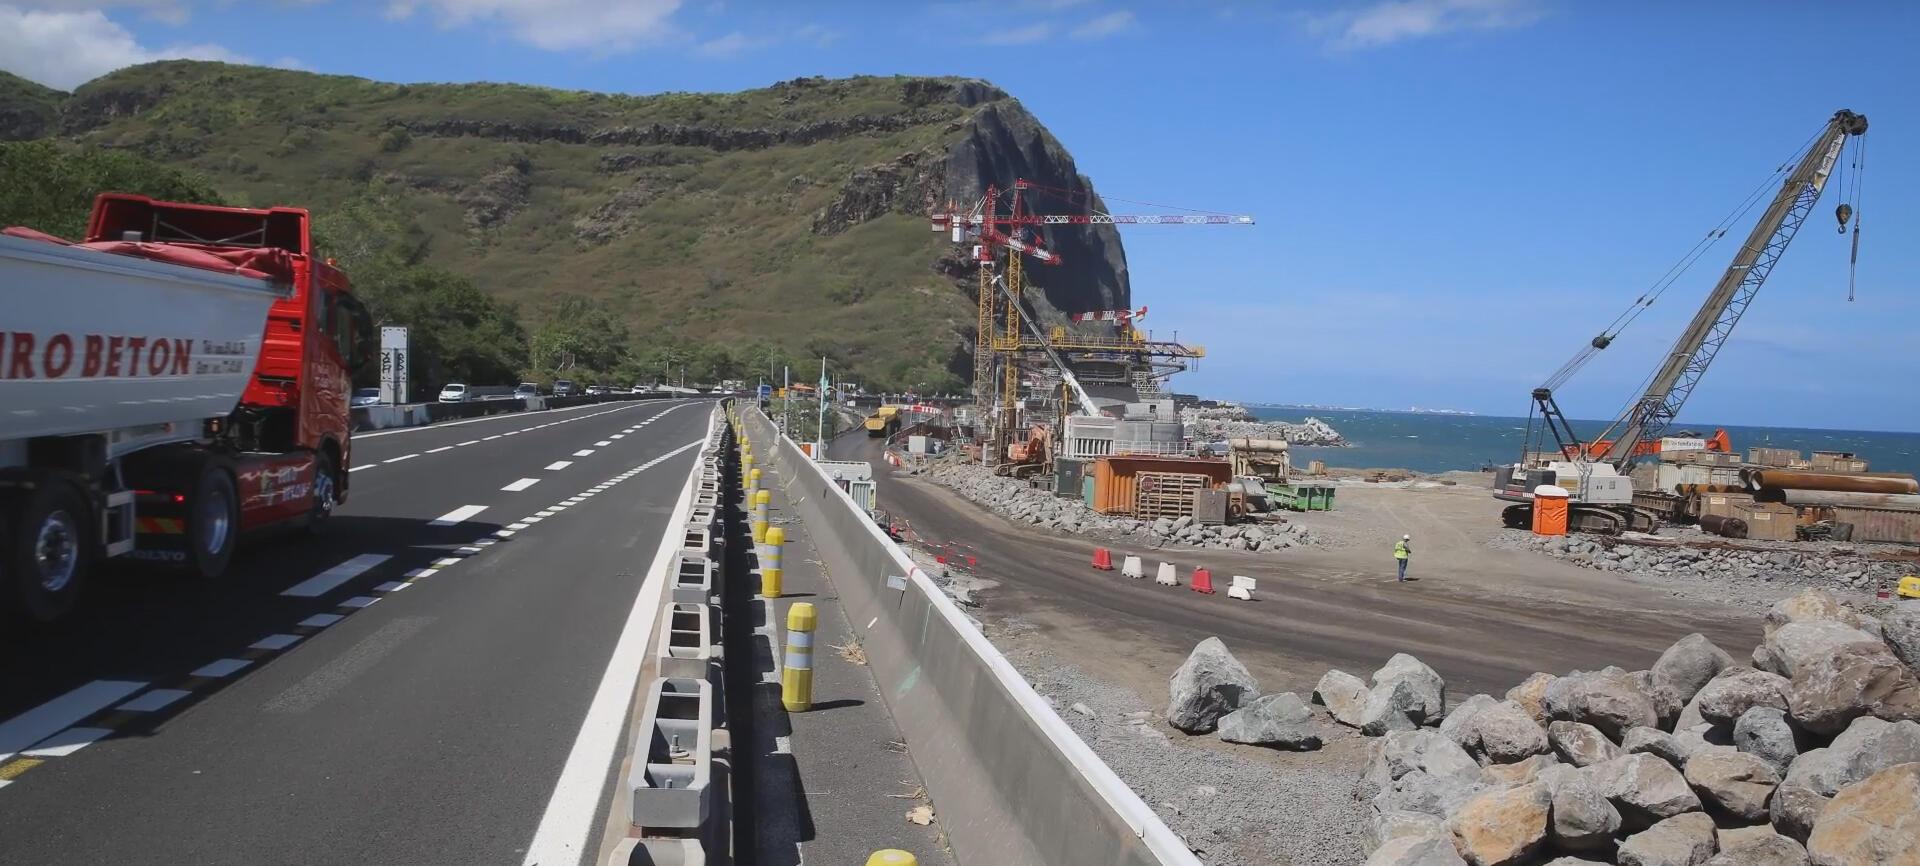 Chantier de la Nouvelle Route du littoral, sur l'île de la Réunion.